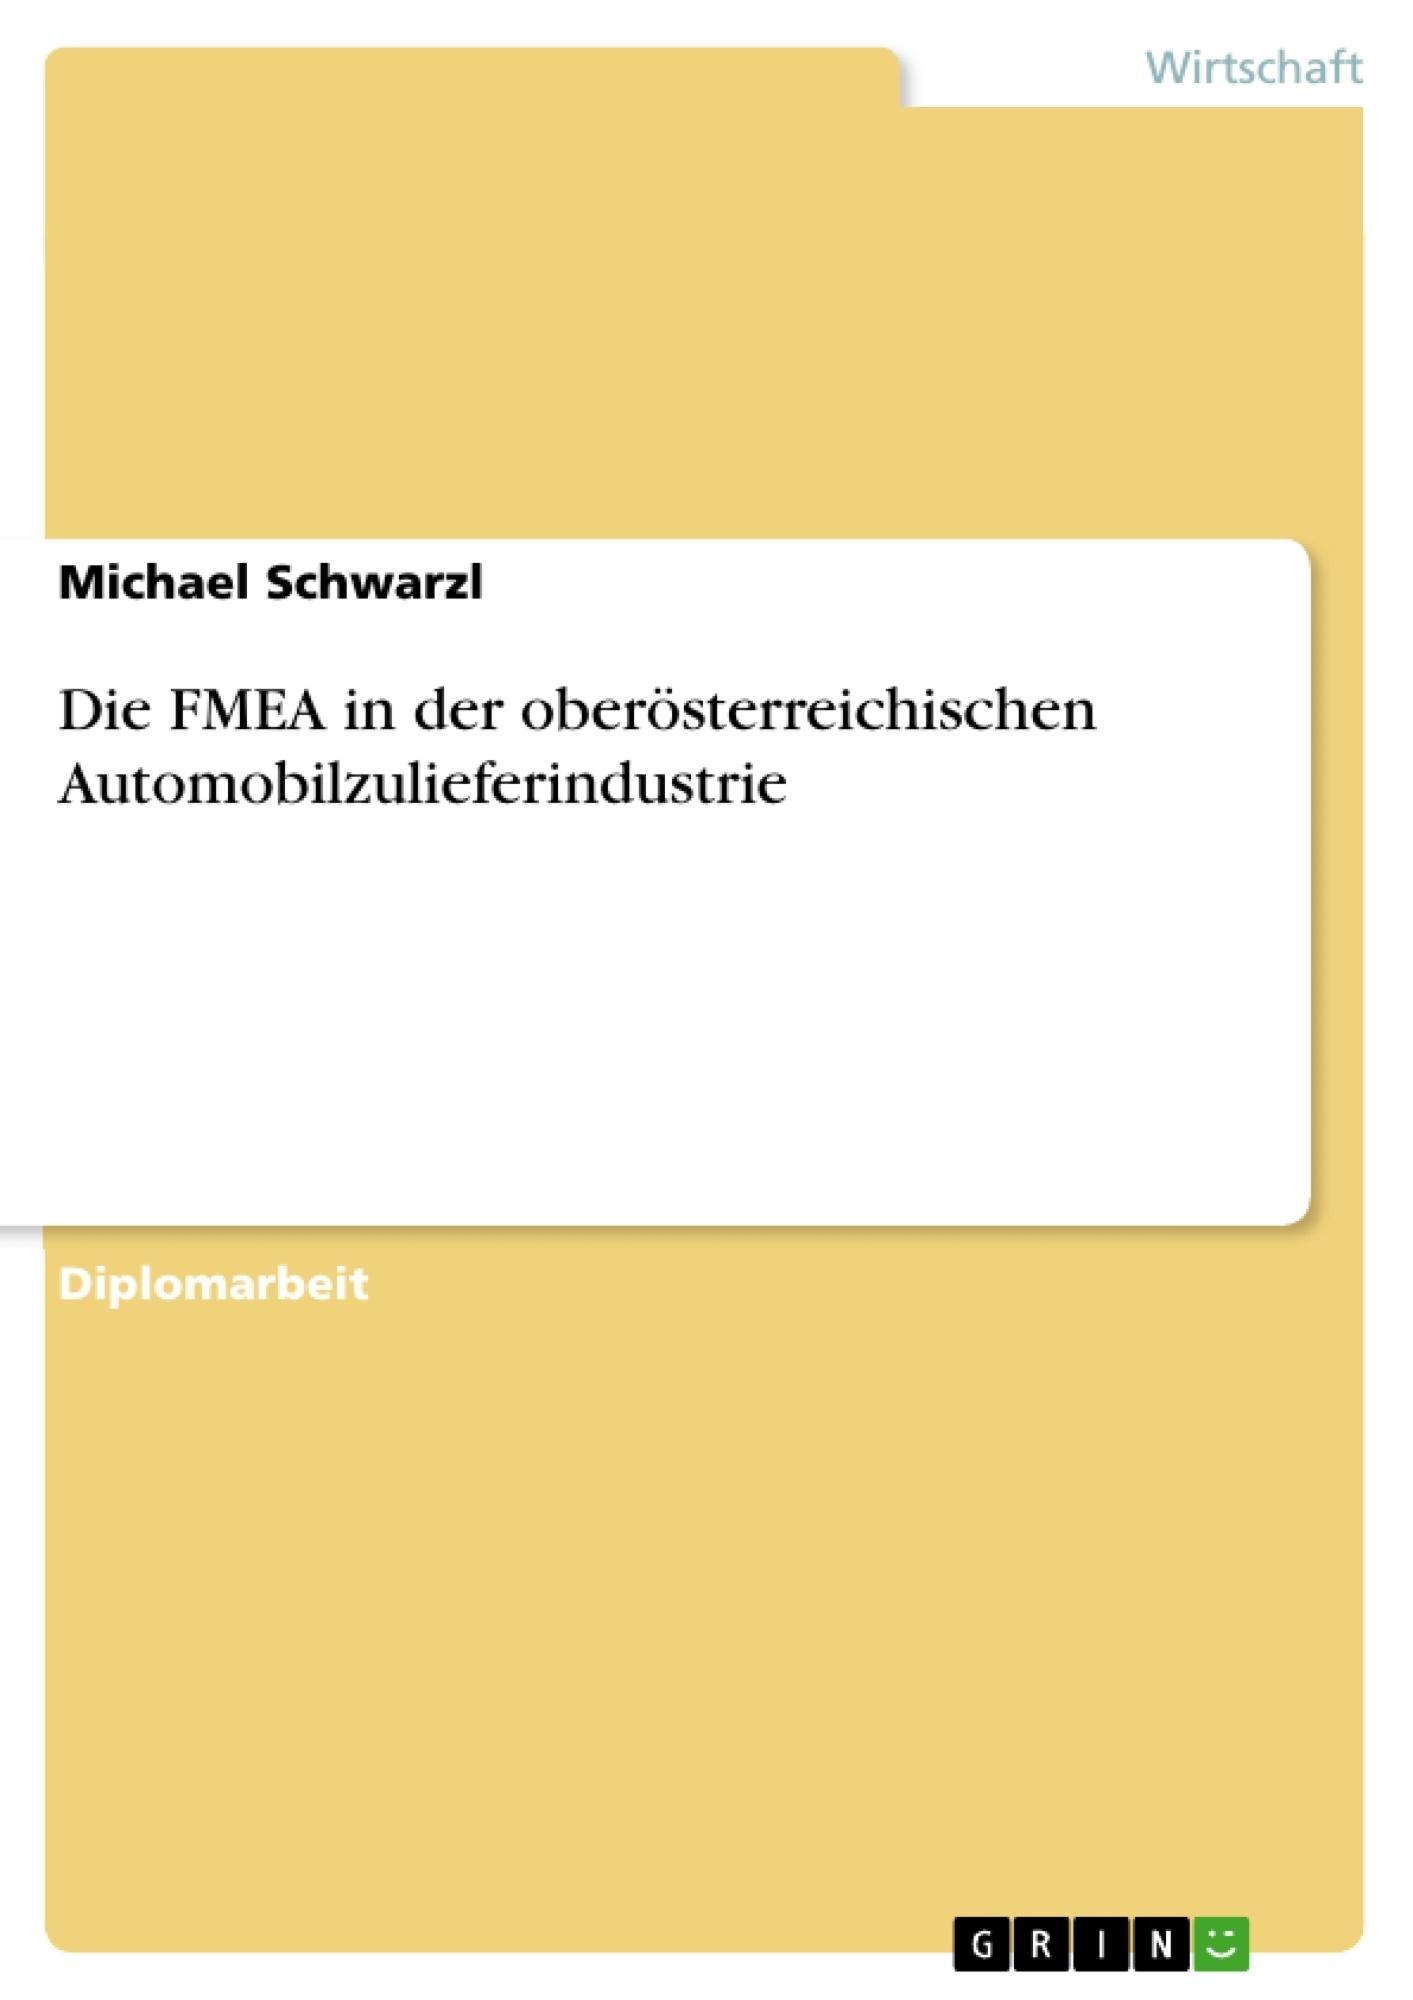 Titel: Die FMEA in der oberösterreichischen Automobilzulieferindustrie